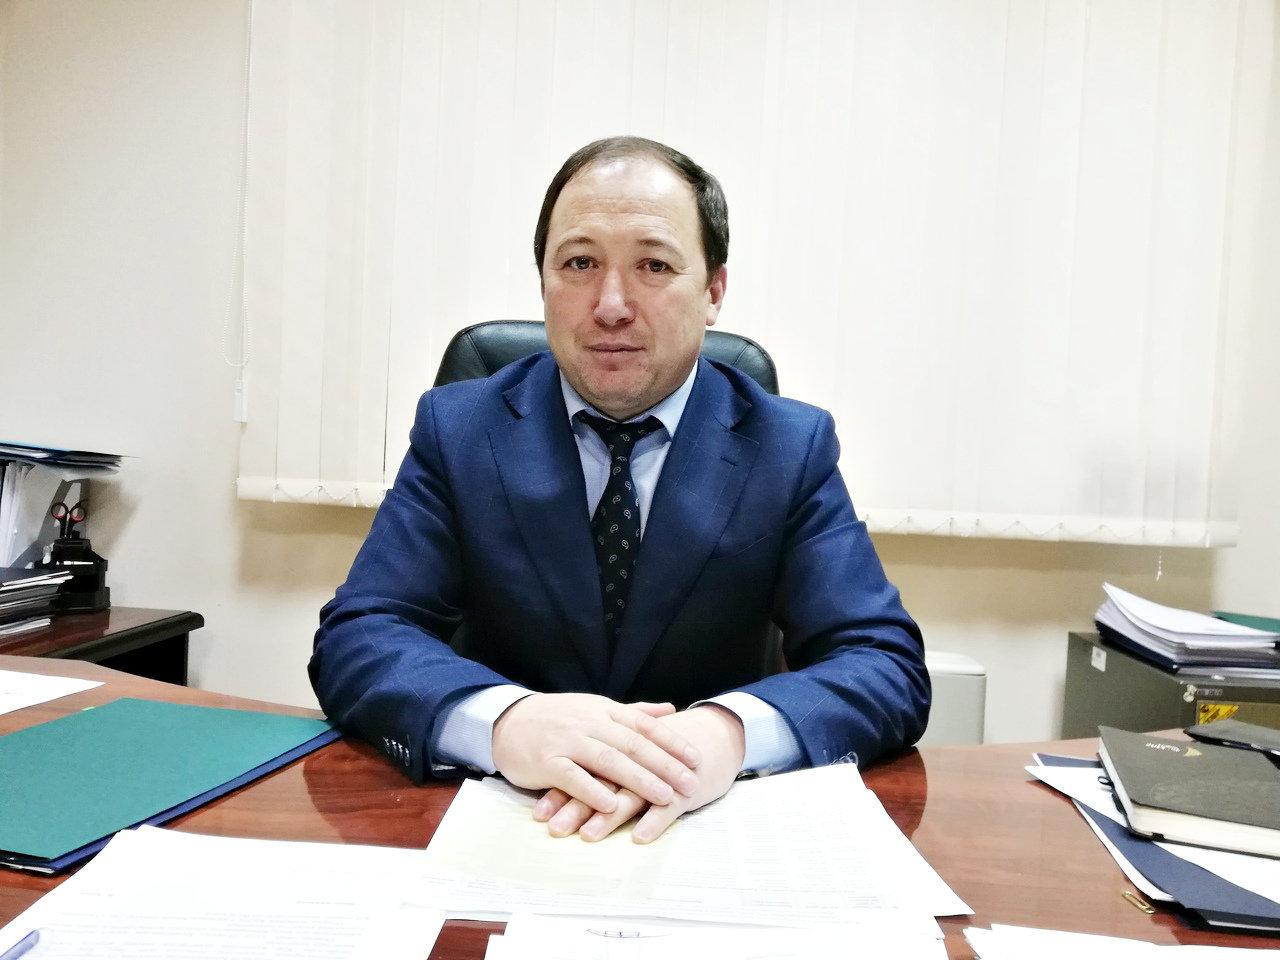 Балғабек Мырзаев, қоғамдық келісім комитеті төрағасының орынбасары